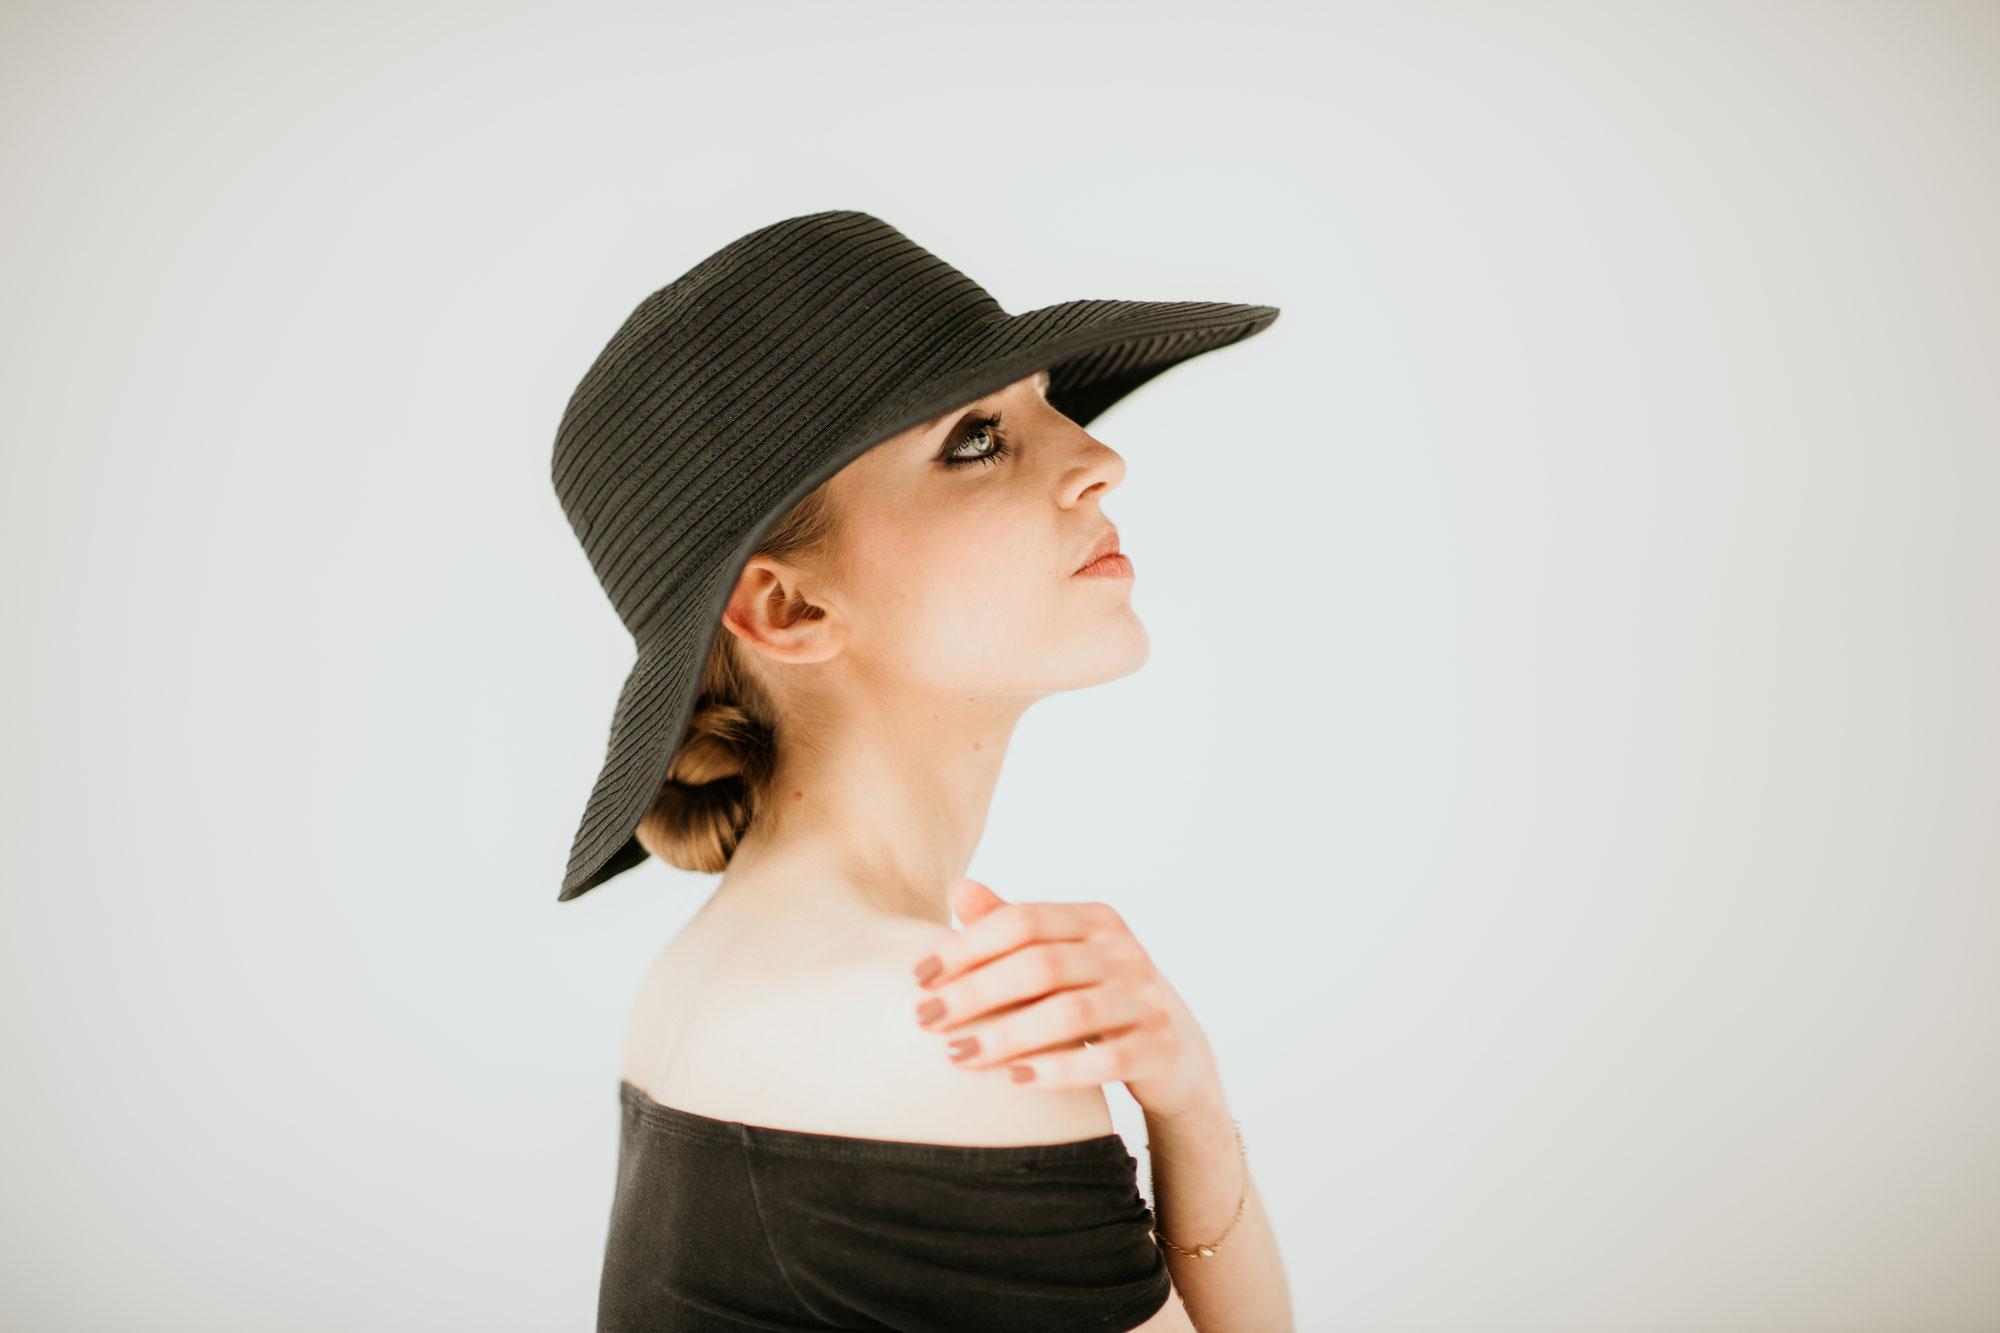 Alena mit Hut